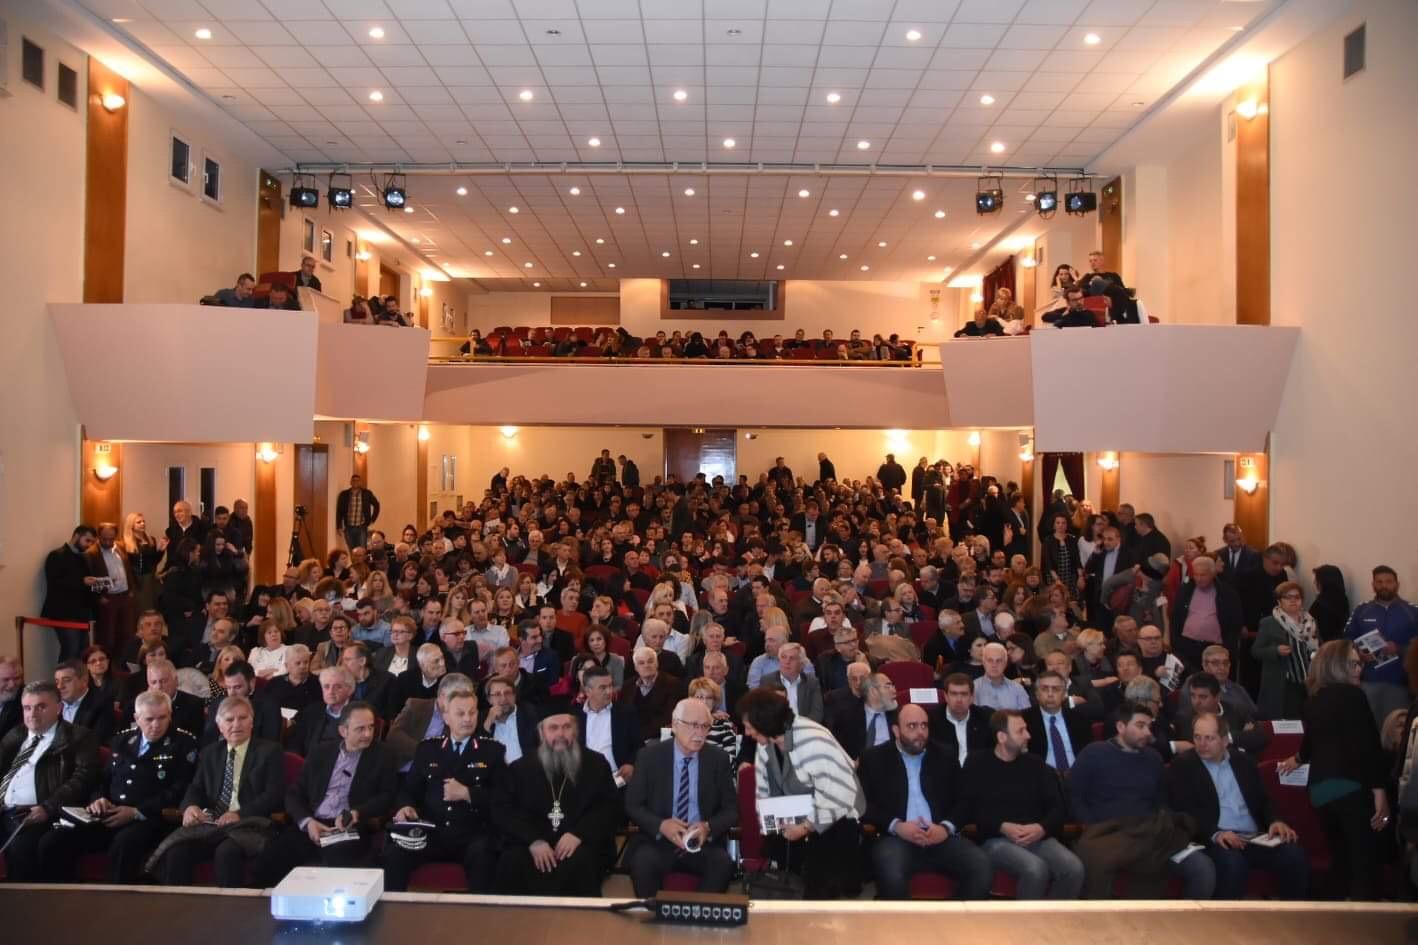 Απόστολος Καλογιάννης: Το Μαϊό θα κριθεί η απρόσκοπτη πορεία της πόλης στο μέλλον (Φώτο)